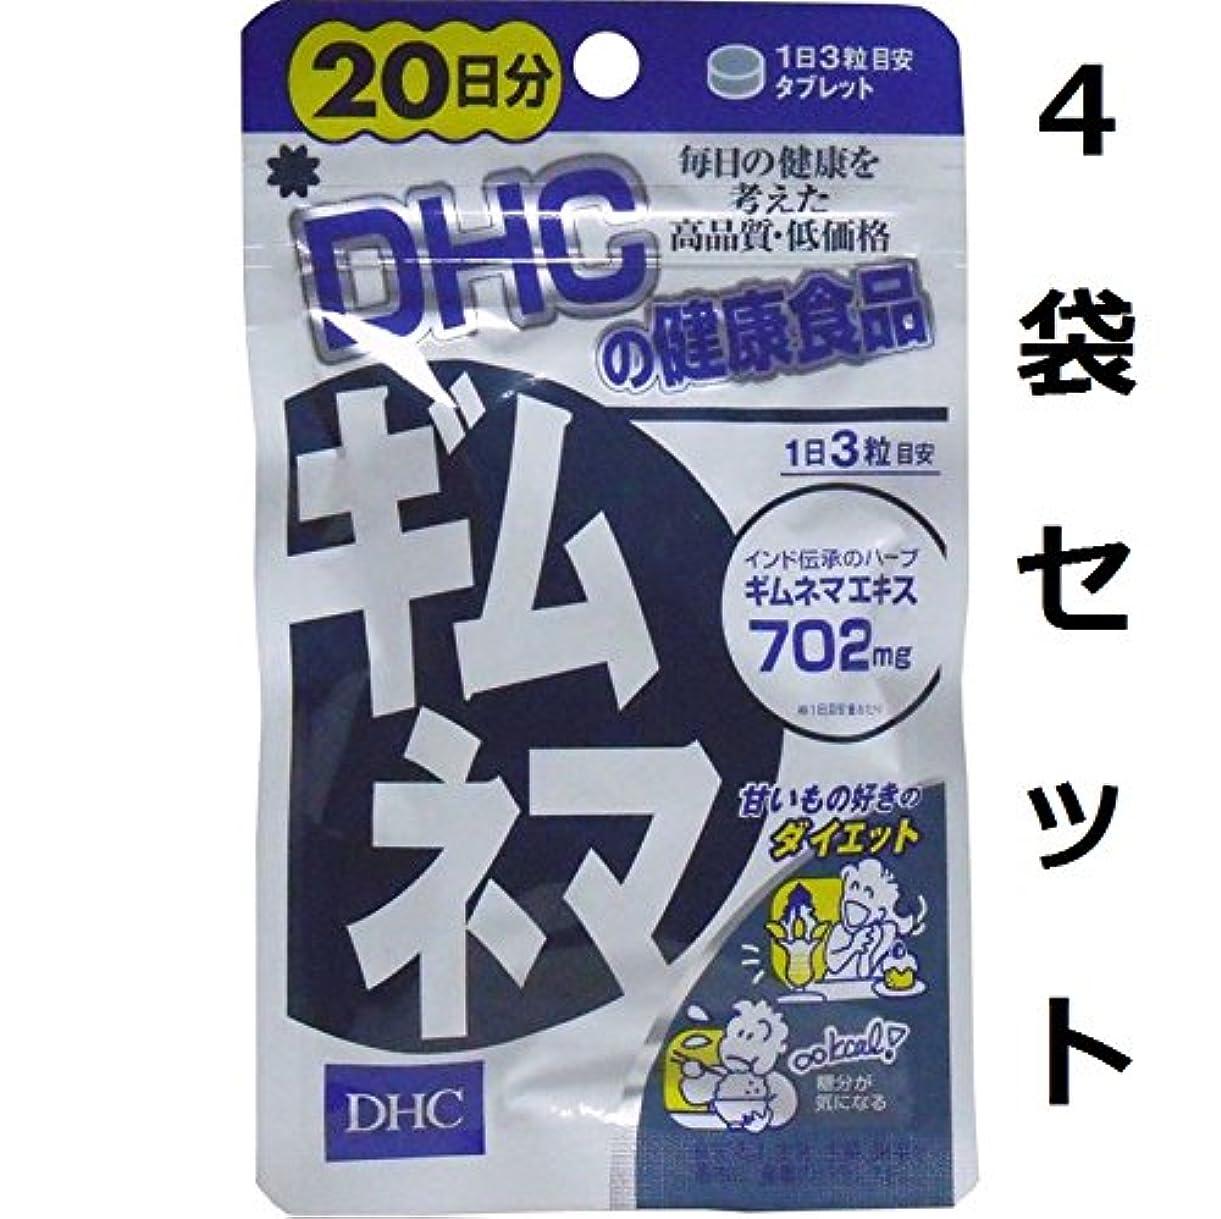 カイウス定刻カリング糖分や炭水化物を多く摂る人に DHC ギムネマ 20日分 60粒 4袋セット